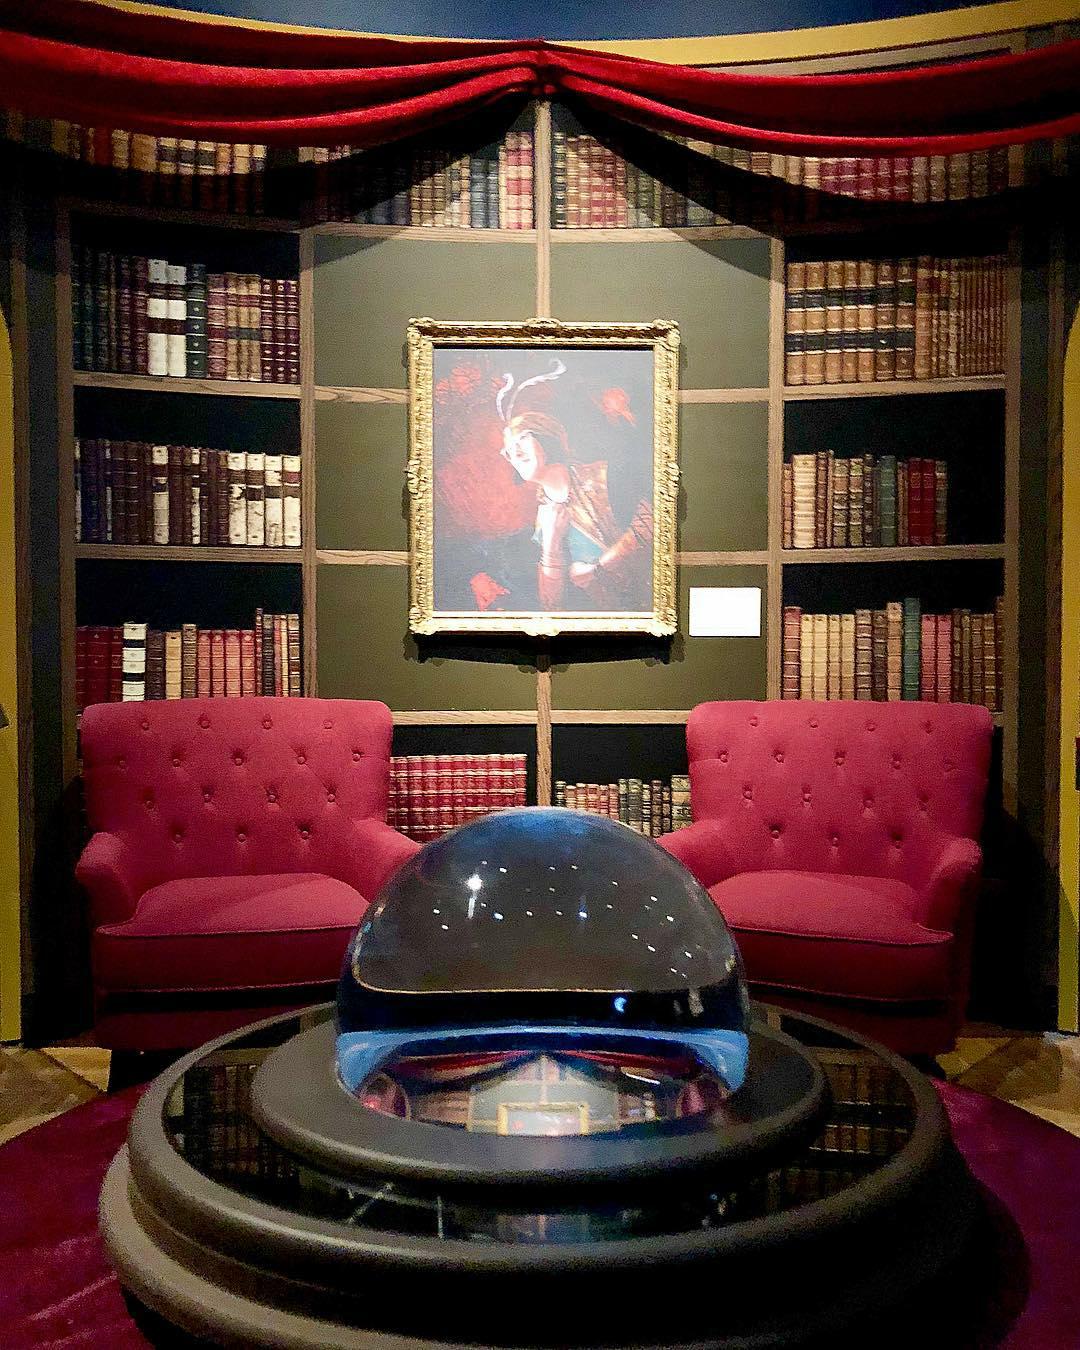 История магии: в Нью-Йорке открылась выставка по миру «Гарри Поттера»